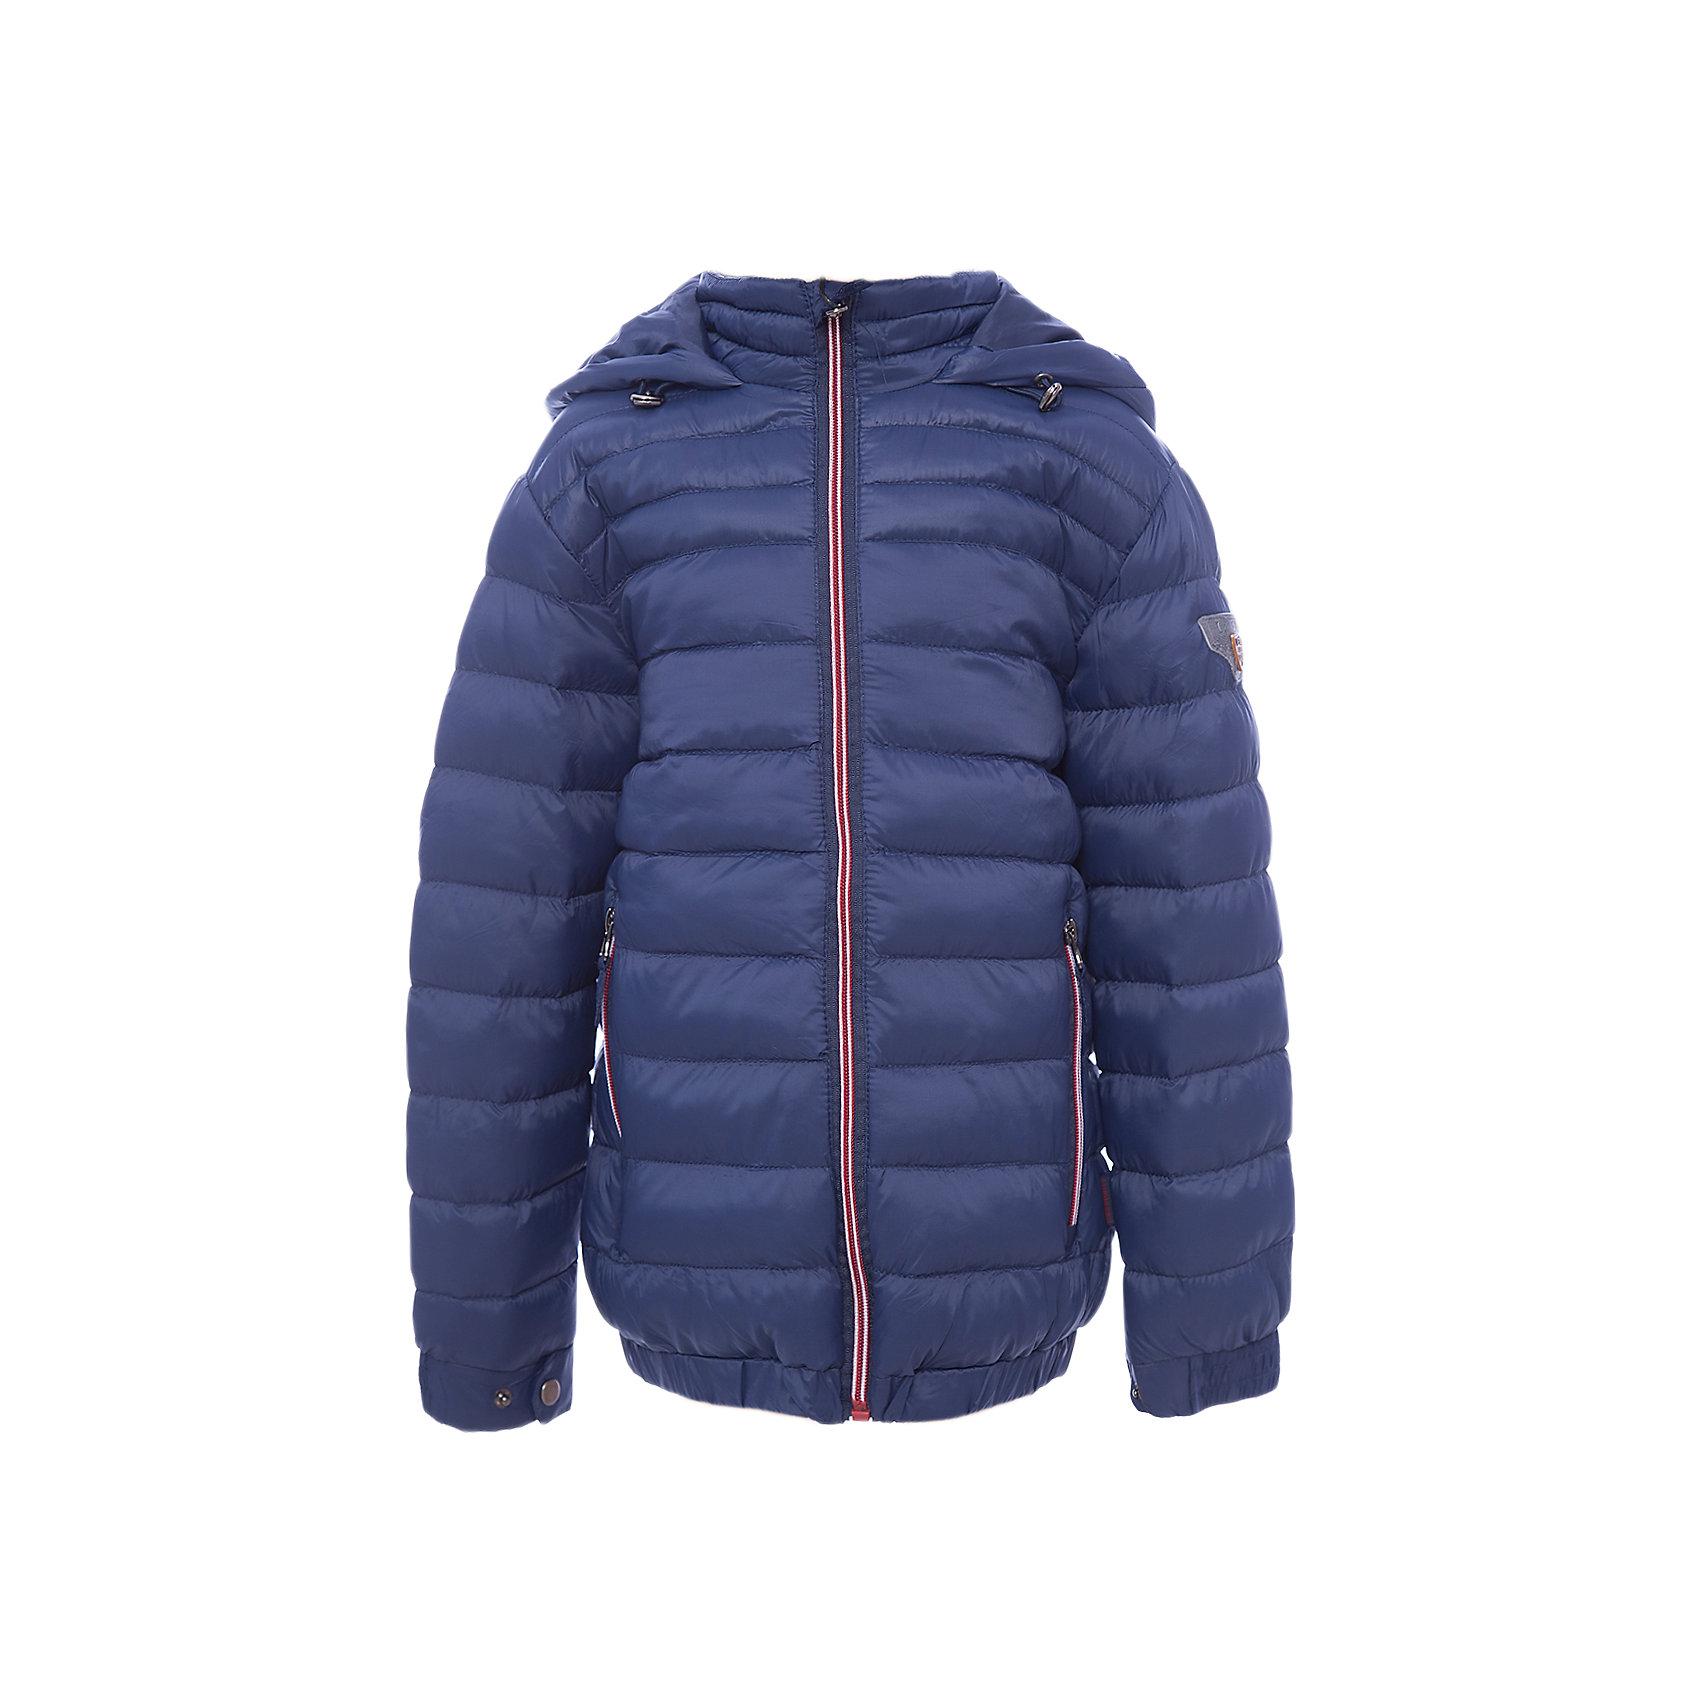 Куртка Luminoso для мальчикаВерхняя одежда<br>Куртка Luminoso для мальчика<br><br>Состав:<br>Верх: 100% нейлон Подкладка: 100% полиэстер Наполнитель 100% полиэстер<br><br>Ширина мм: 356<br>Глубина мм: 10<br>Высота мм: 245<br>Вес г: 519<br>Цвет: синий<br>Возраст от месяцев: 156<br>Возраст до месяцев: 168<br>Пол: Мужской<br>Возраст: Детский<br>Размер: 164,134,140,146,152,158<br>SKU: 7097089